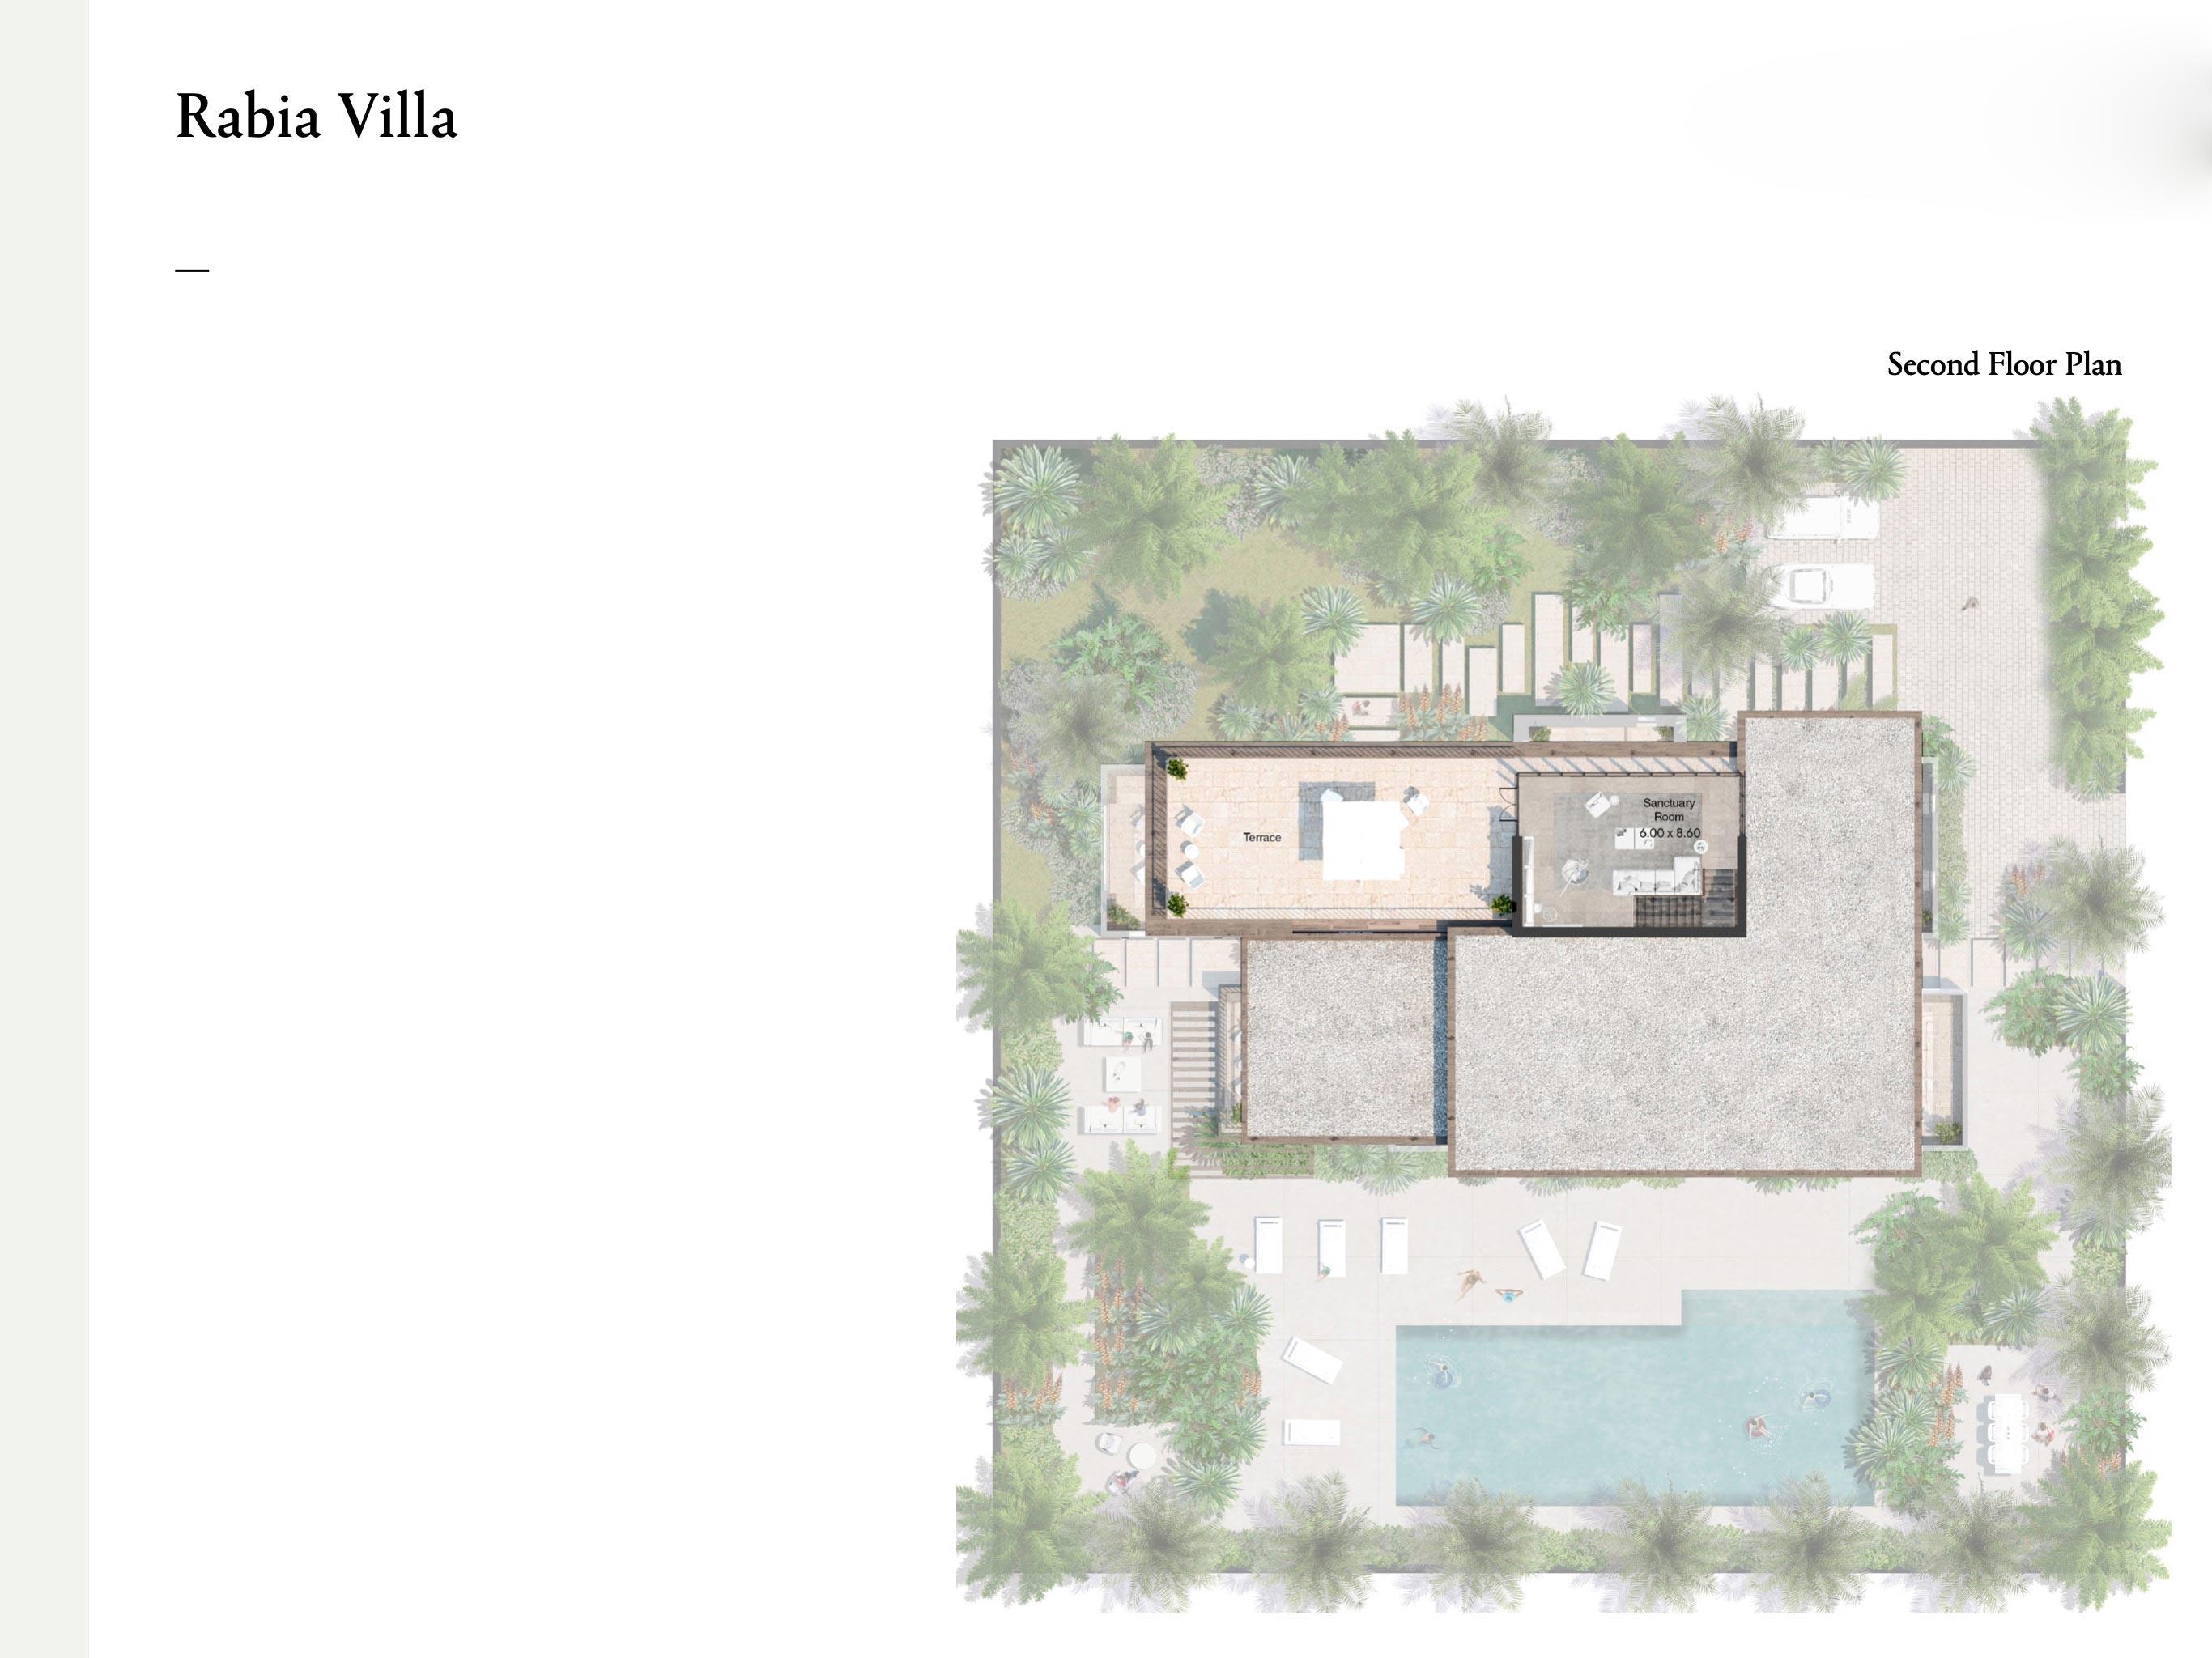 Rabia Villas 7 Bedroom Size 1126 sqm